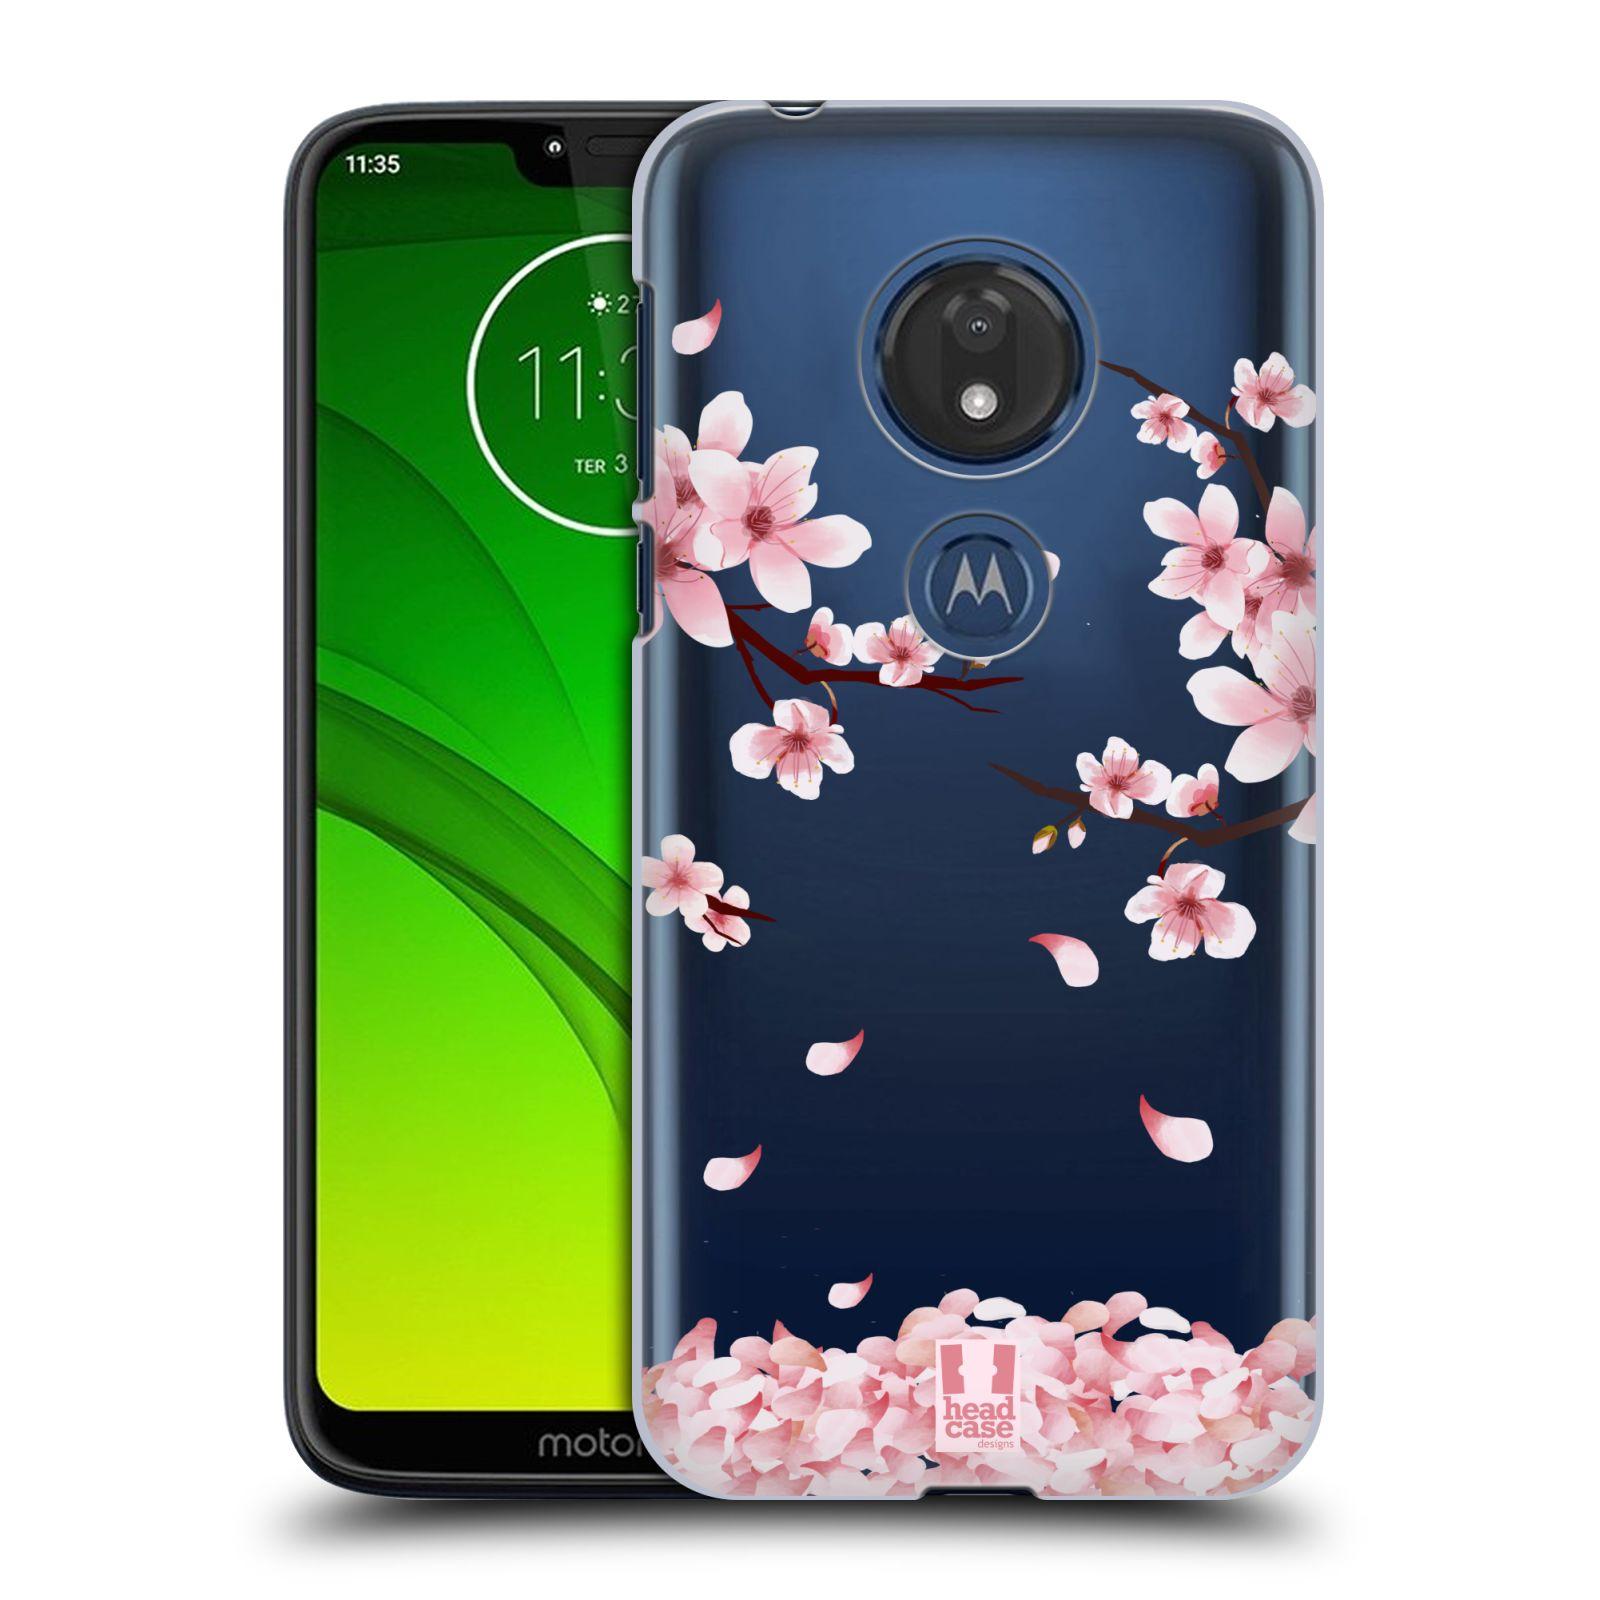 Plastové pouzdro na mobil Motorola Moto G7 Play - Head Case - Květy a větvičky